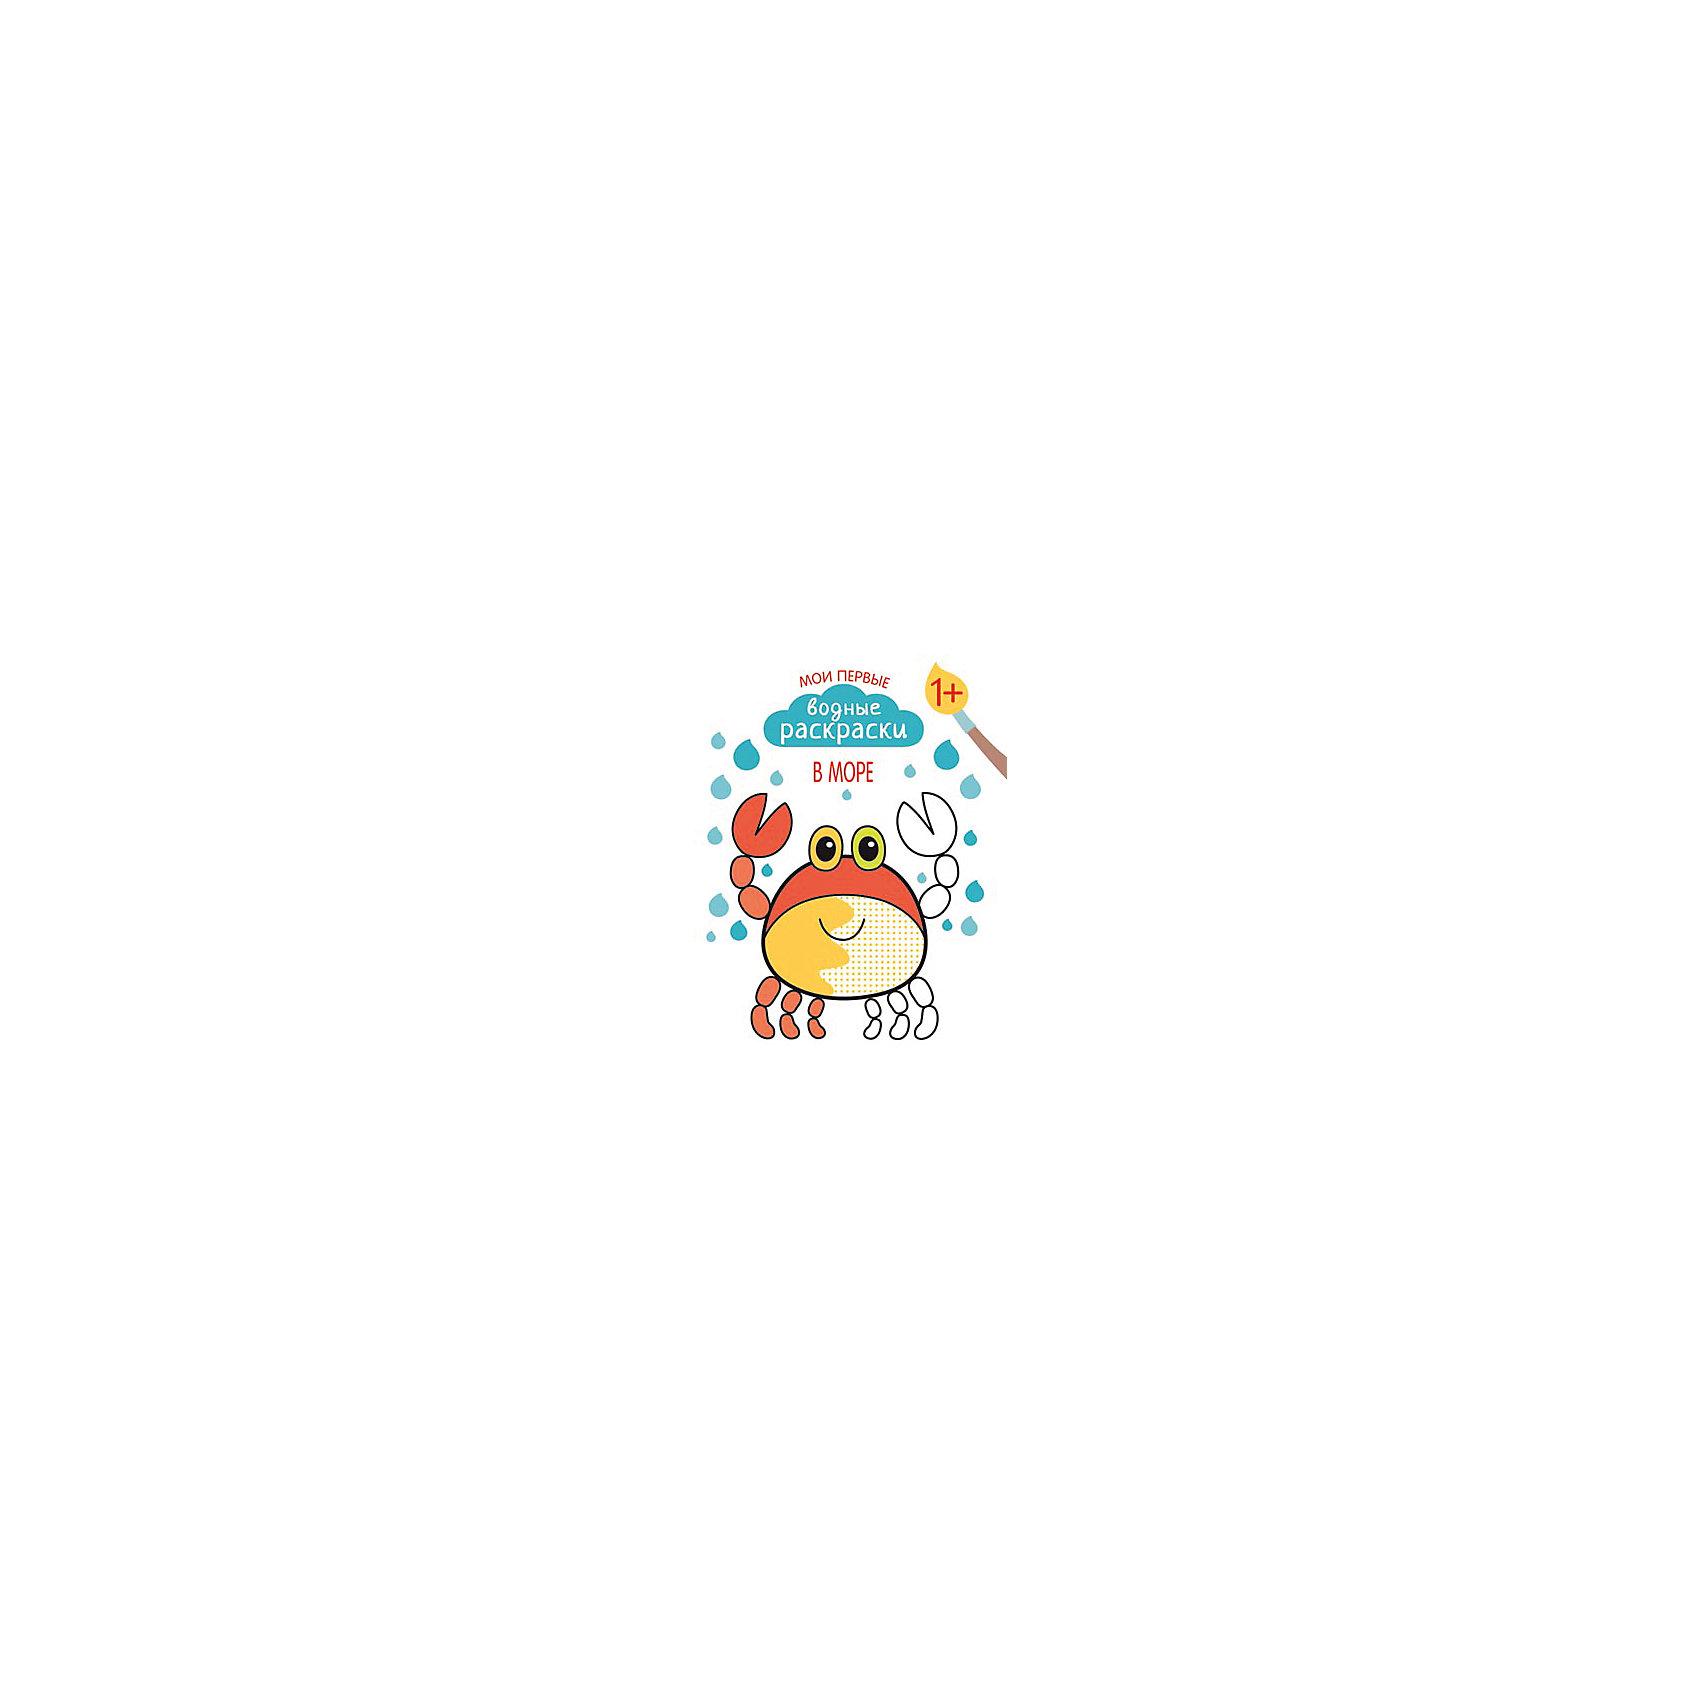 В море, Мои первые водные раскраскиРисование<br>Характеристики книжки В море серии Мои первые водные раскраски: <br><br>• возраст: от 1 -3 лет<br>• пол: для мальчиков и девочек<br>• размеры: 28x0.2x20.5 см<br>• материал: бумага<br>• переплет мягкая обложка<br>• количество страниц: 8<br>• цветные иллюстрации: да<br>• язык издания: русский<br>• вес: 72 г<br>• тип товара: раскраска<br>• серия : Мои первые водные раскраски<br>• автор Романова М.<br>• иллюстратор: Евгения Миронюк<br>• издательство: Мозаика-Синтез<br>• страна обладатель бренда: Россия.<br><br>С книжкой В море серии Мои первые водные раскраски так легко почувствовать себя волшебником! У нее необычные странички – достаточно просто раскрасить их мокрой кисточкой, и картинки «оживут». Крупные рисунки с толстым контуром и большими областями для раскрашивания обязательно понравятся маленькому художнику, а веселые стихи познакомят его с ярким морским коньком, смелым дельфином, добрым крабом и другими животными, которые обитают в море.<br><br>Книжку В море серии Мои первые водные раскраски издательства Мозаика-Синтез можно купить в нашем интернет-магазине.<br><br>Ширина мм: 2<br>Глубина мм: 205<br>Высота мм: 280<br>Вес г: 72<br>Возраст от месяцев: 12<br>Возраст до месяцев: 36<br>Пол: Унисекс<br>Возраст: Детский<br>SKU: 5362887